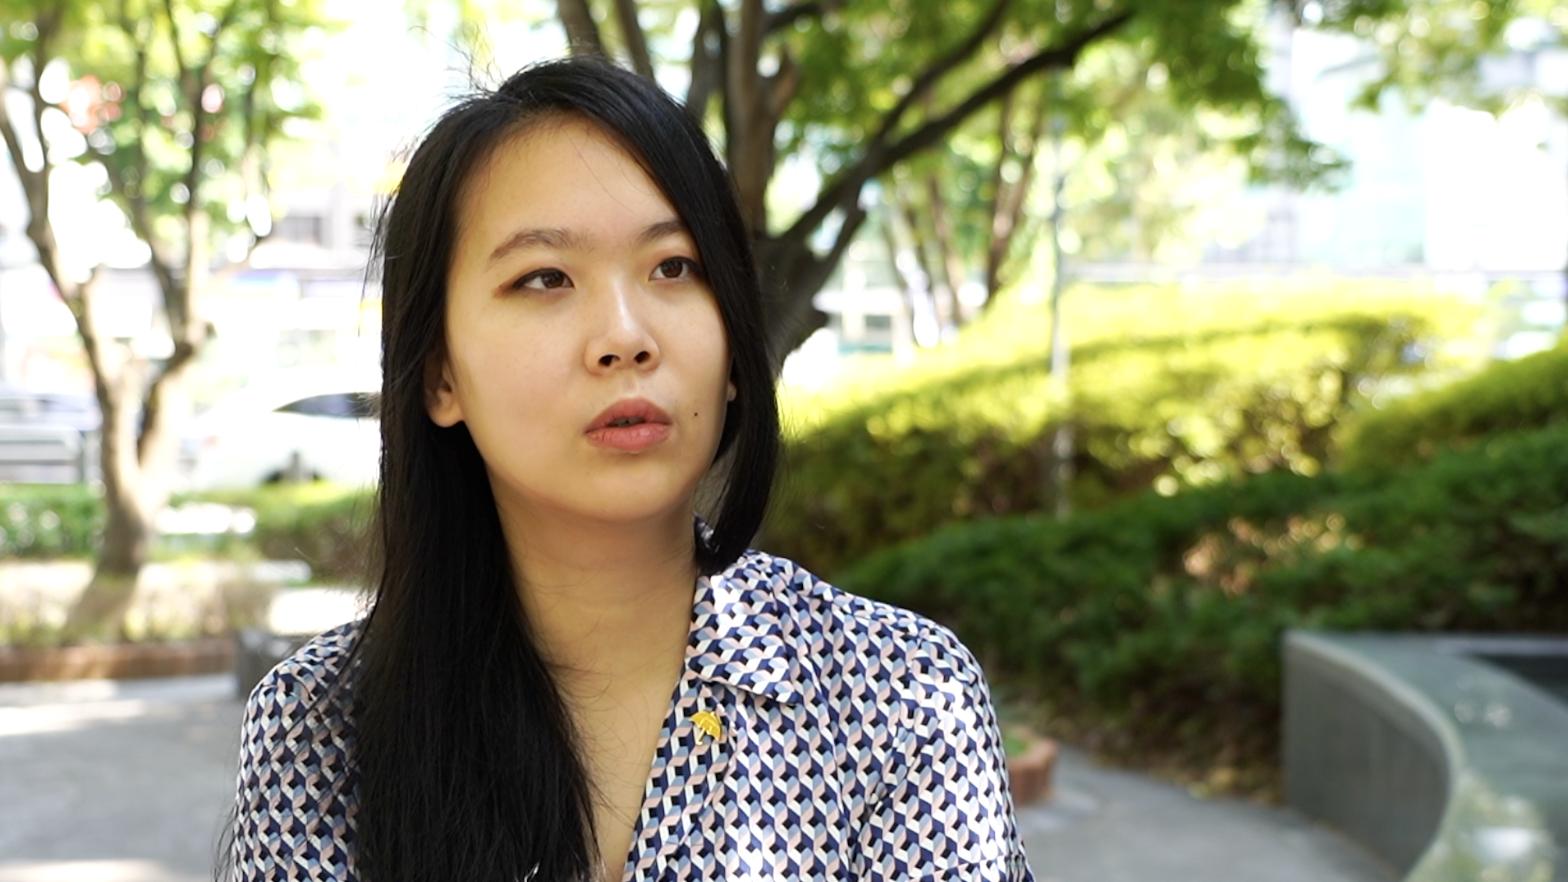 組織抵制《花木蘭》活動的南韓青年市民團體「世界市民宣言」共同代表李雪我接受本報記者採訪時表示,「香港警察踐踏人權,導致數百人受傷甚至出現死者,主演劉亦菲卻在社交媒體上表示支持港警,讓人無法理解。」同時對迪士尼面臨中共的人權鎮壓及屠殺行為視而不見的態度感到非常失望。(新唐人截圖)